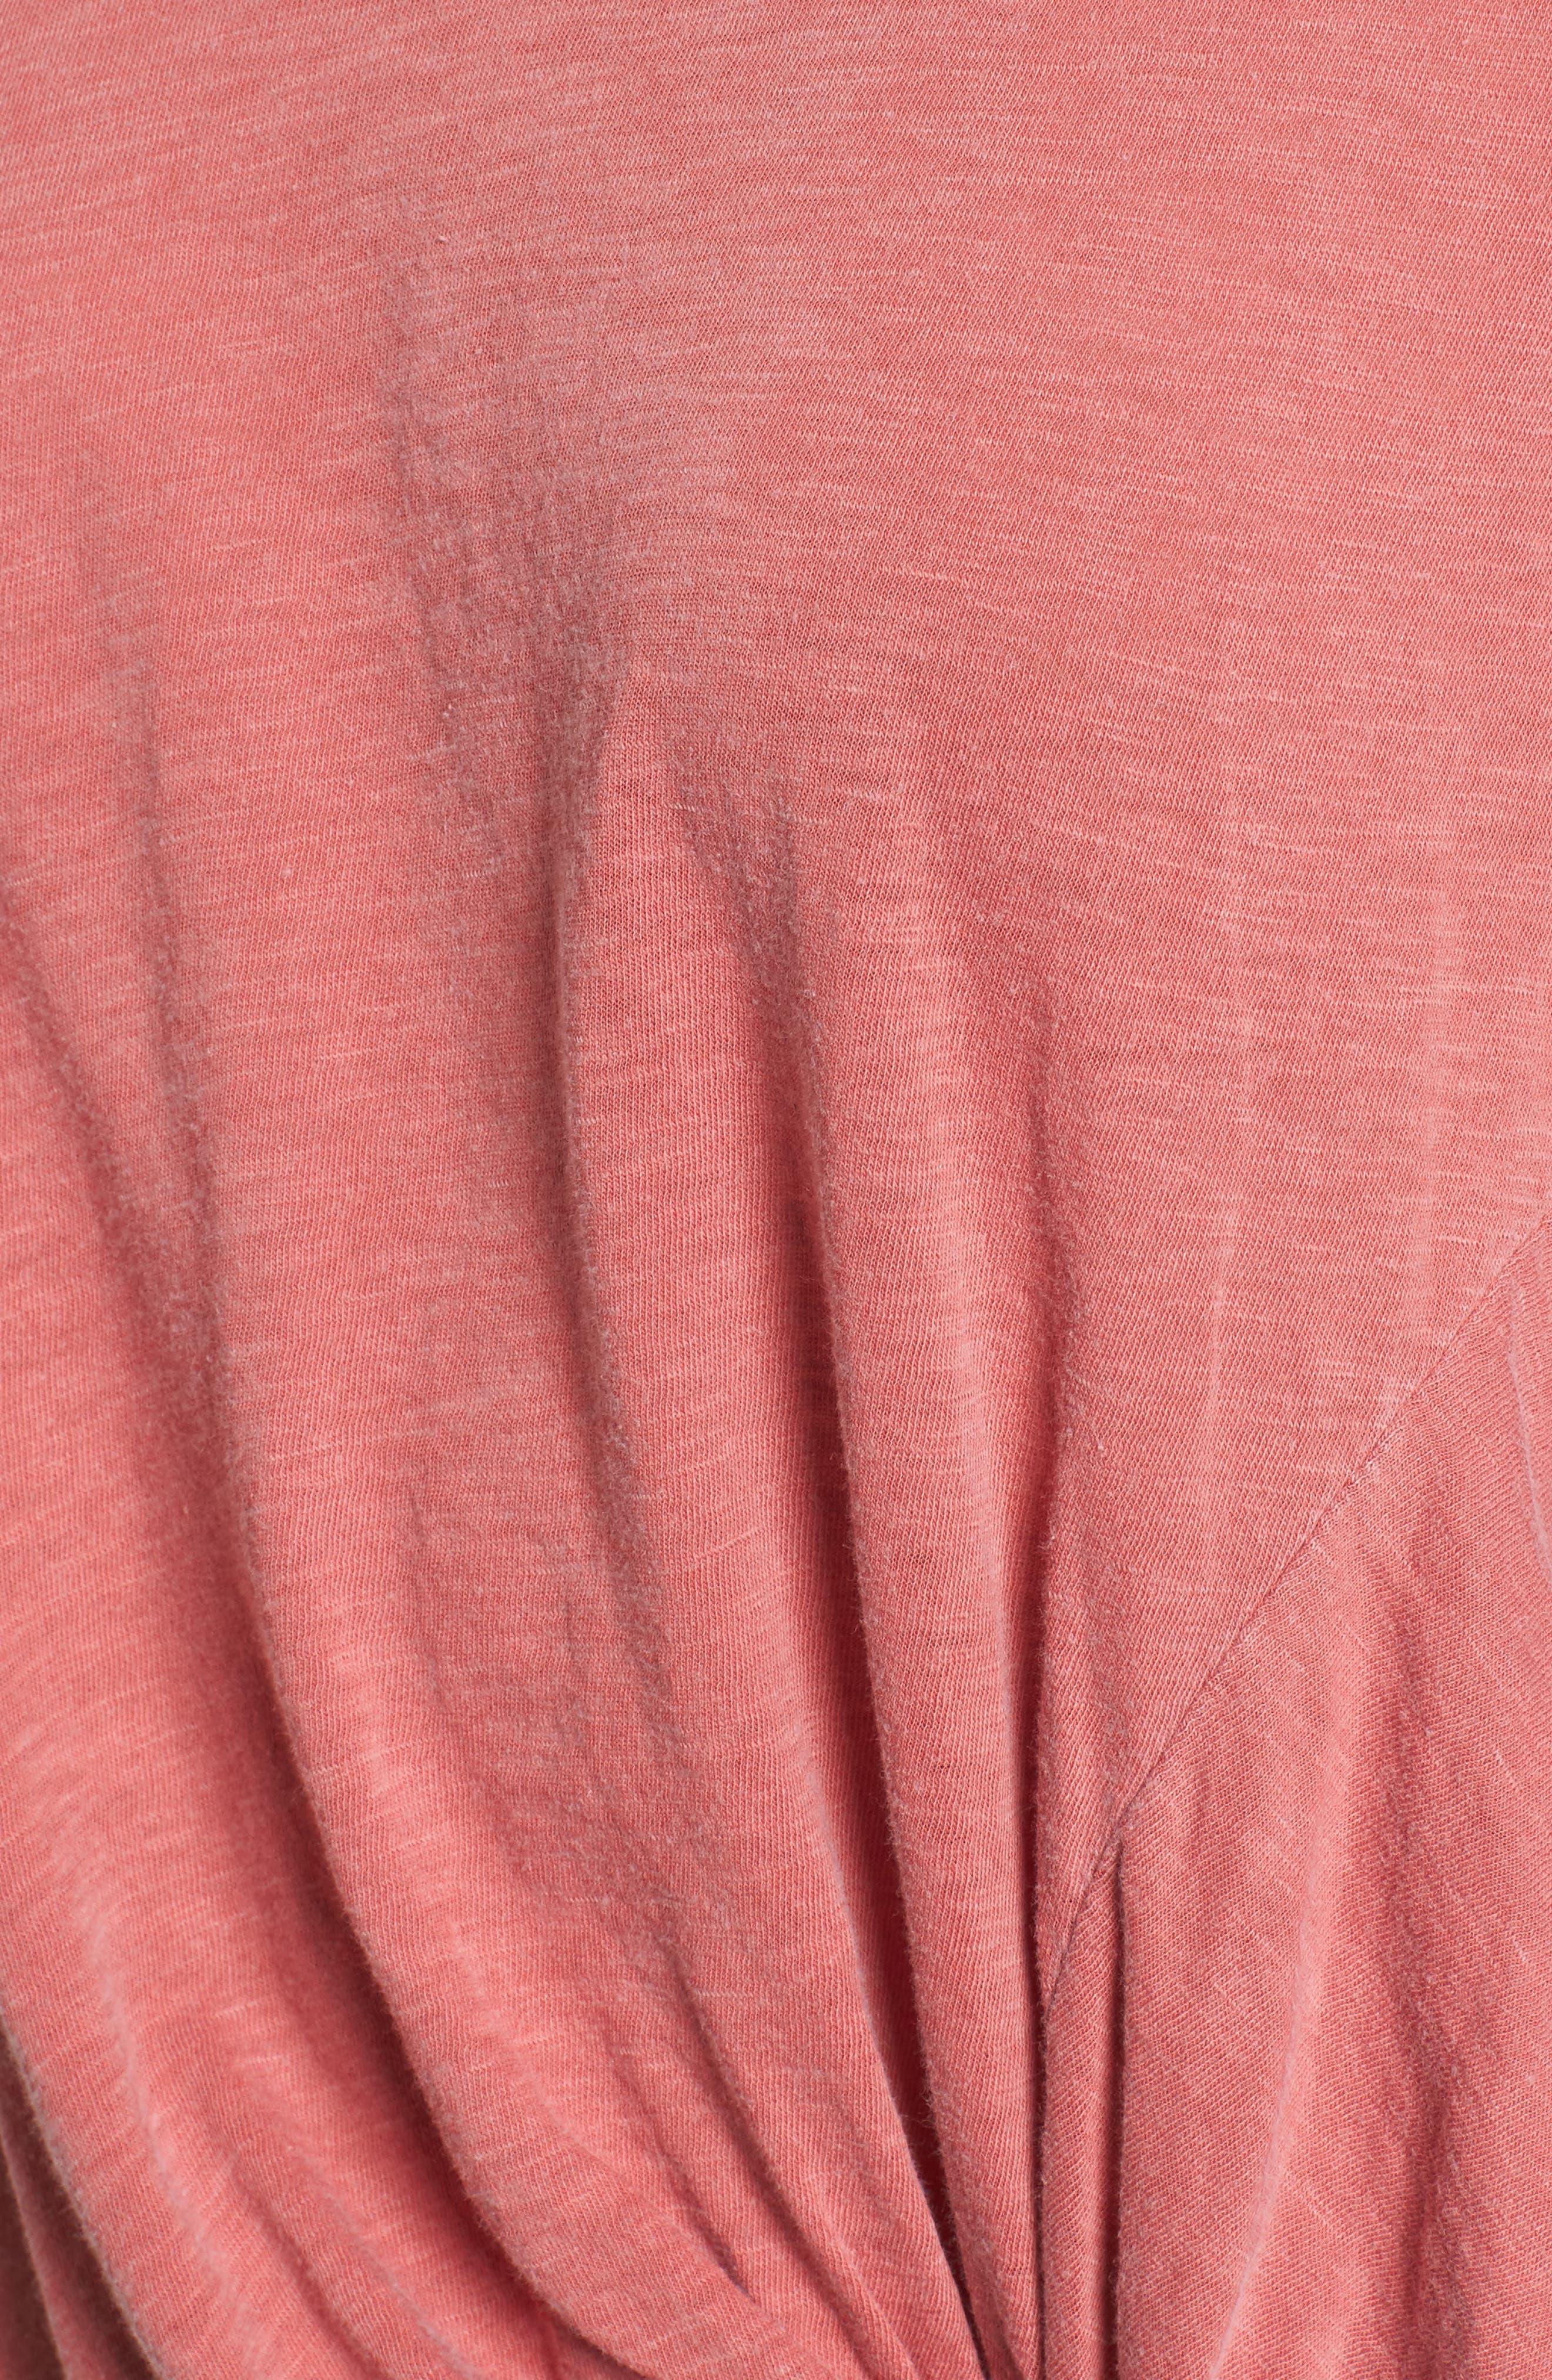 Knot Detail Slub Knit Tee,                             Alternate thumbnail 53, color,